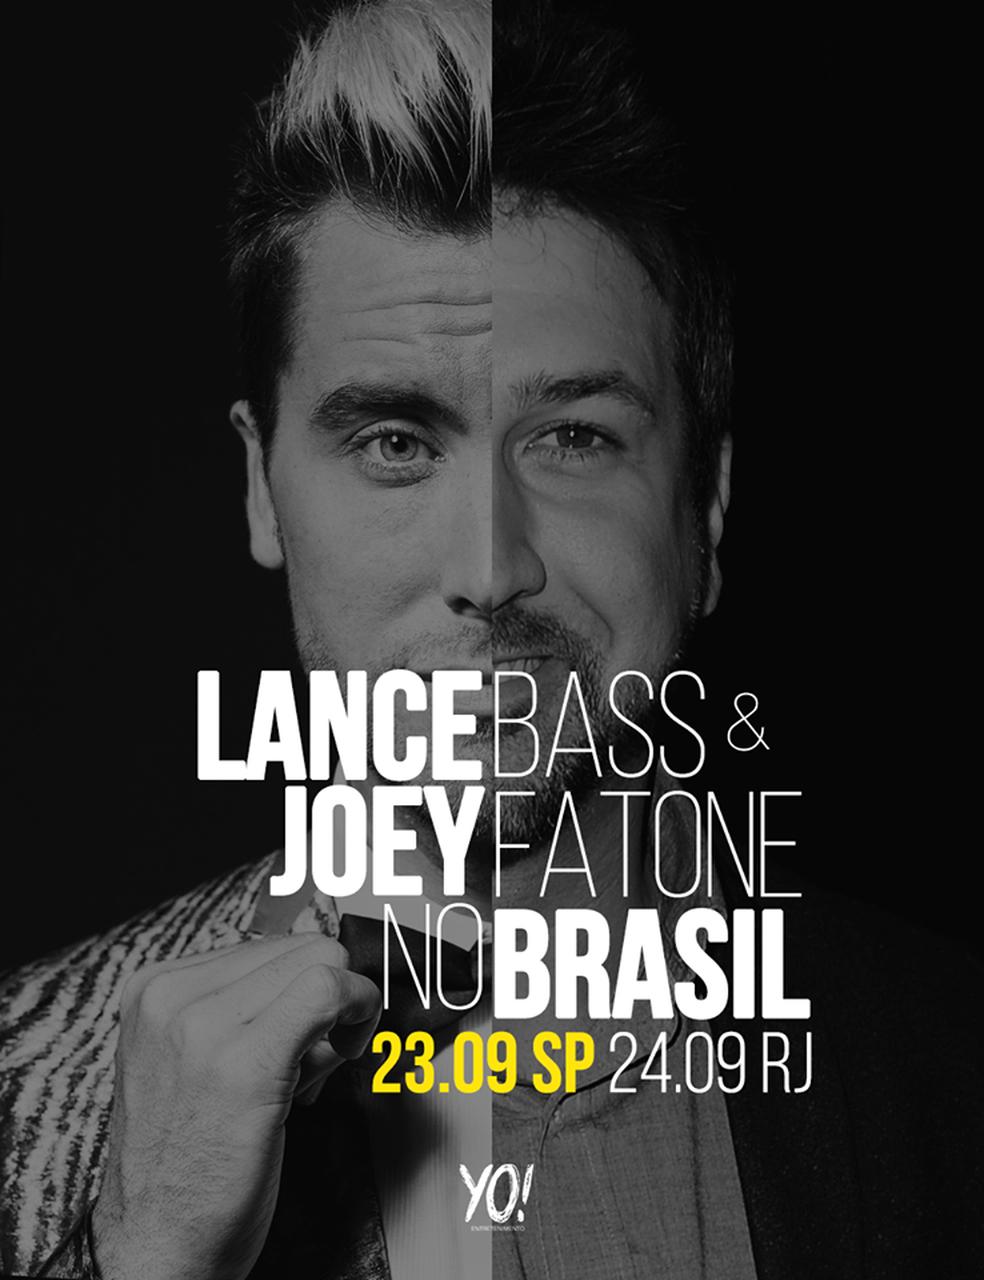 Lance Bass e Joey Fatone, do N'Sync, virão ao Brasil em setembro para evento com fãs (Foto: Divulgação)